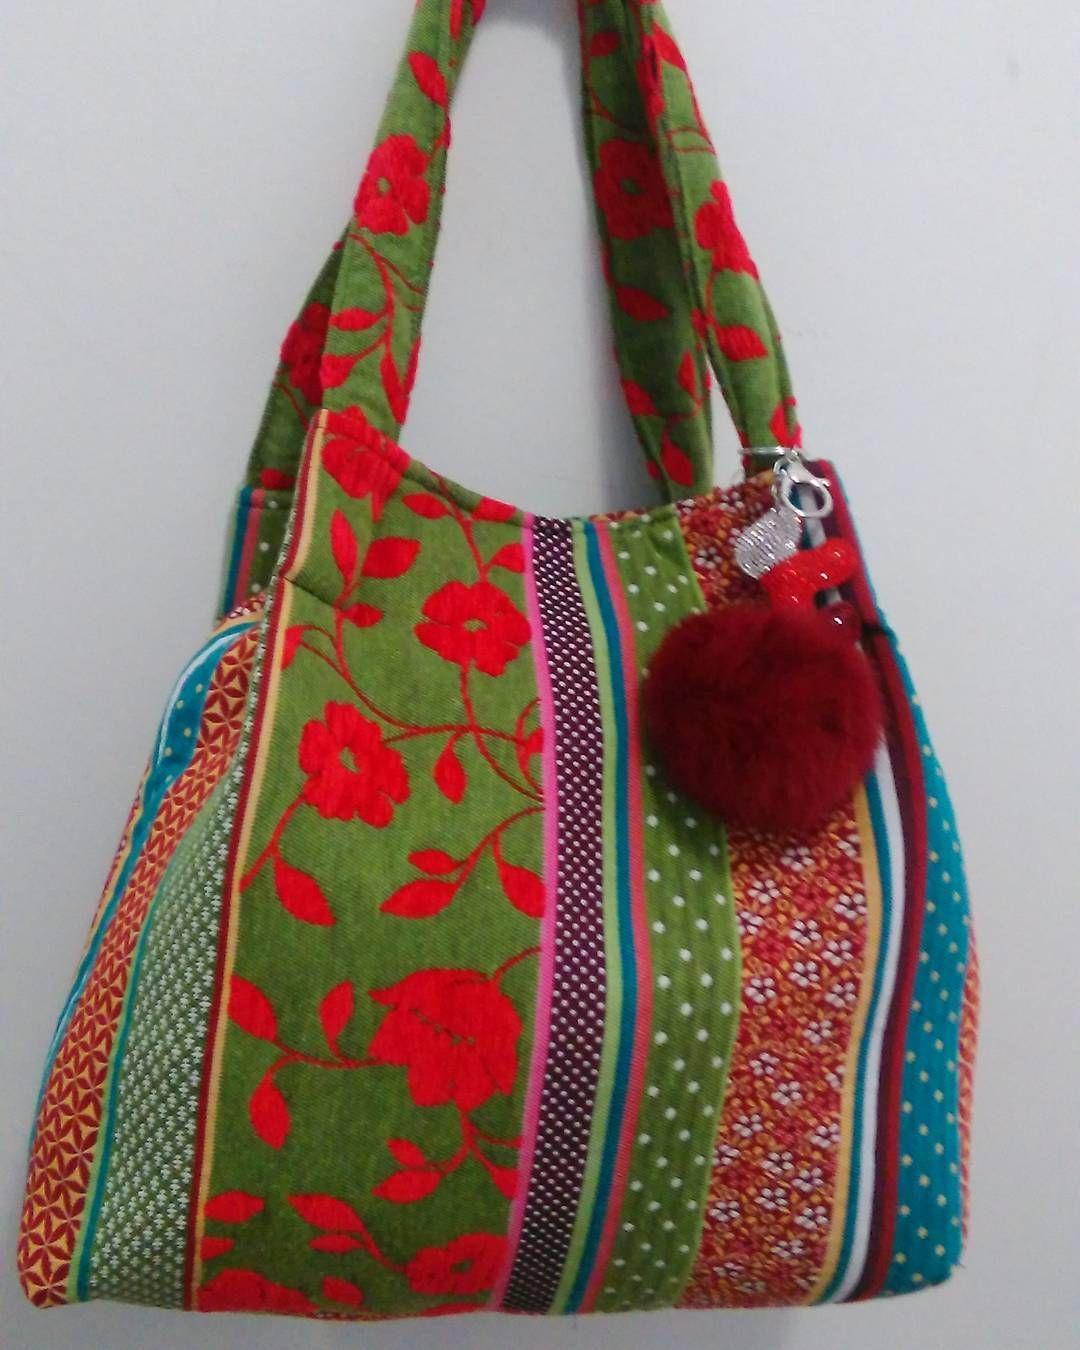 Vale_at_valentina #proposta #moda #fashion #accessori #look #colore #rose #rosso #flower #bag #borsa #handmade #vale_at_valentina #bestlook #saldi #fattoamanoconamore #fattoamano #handmade #love #ponpon #dettagli #dettaglifashion #particolare #unica #dettaglichefannoladifferenza #dettaglichecontano #sempreunica #sempreeleganti #semprechic #fattaperte #fattapertedame by vale_at_valentina